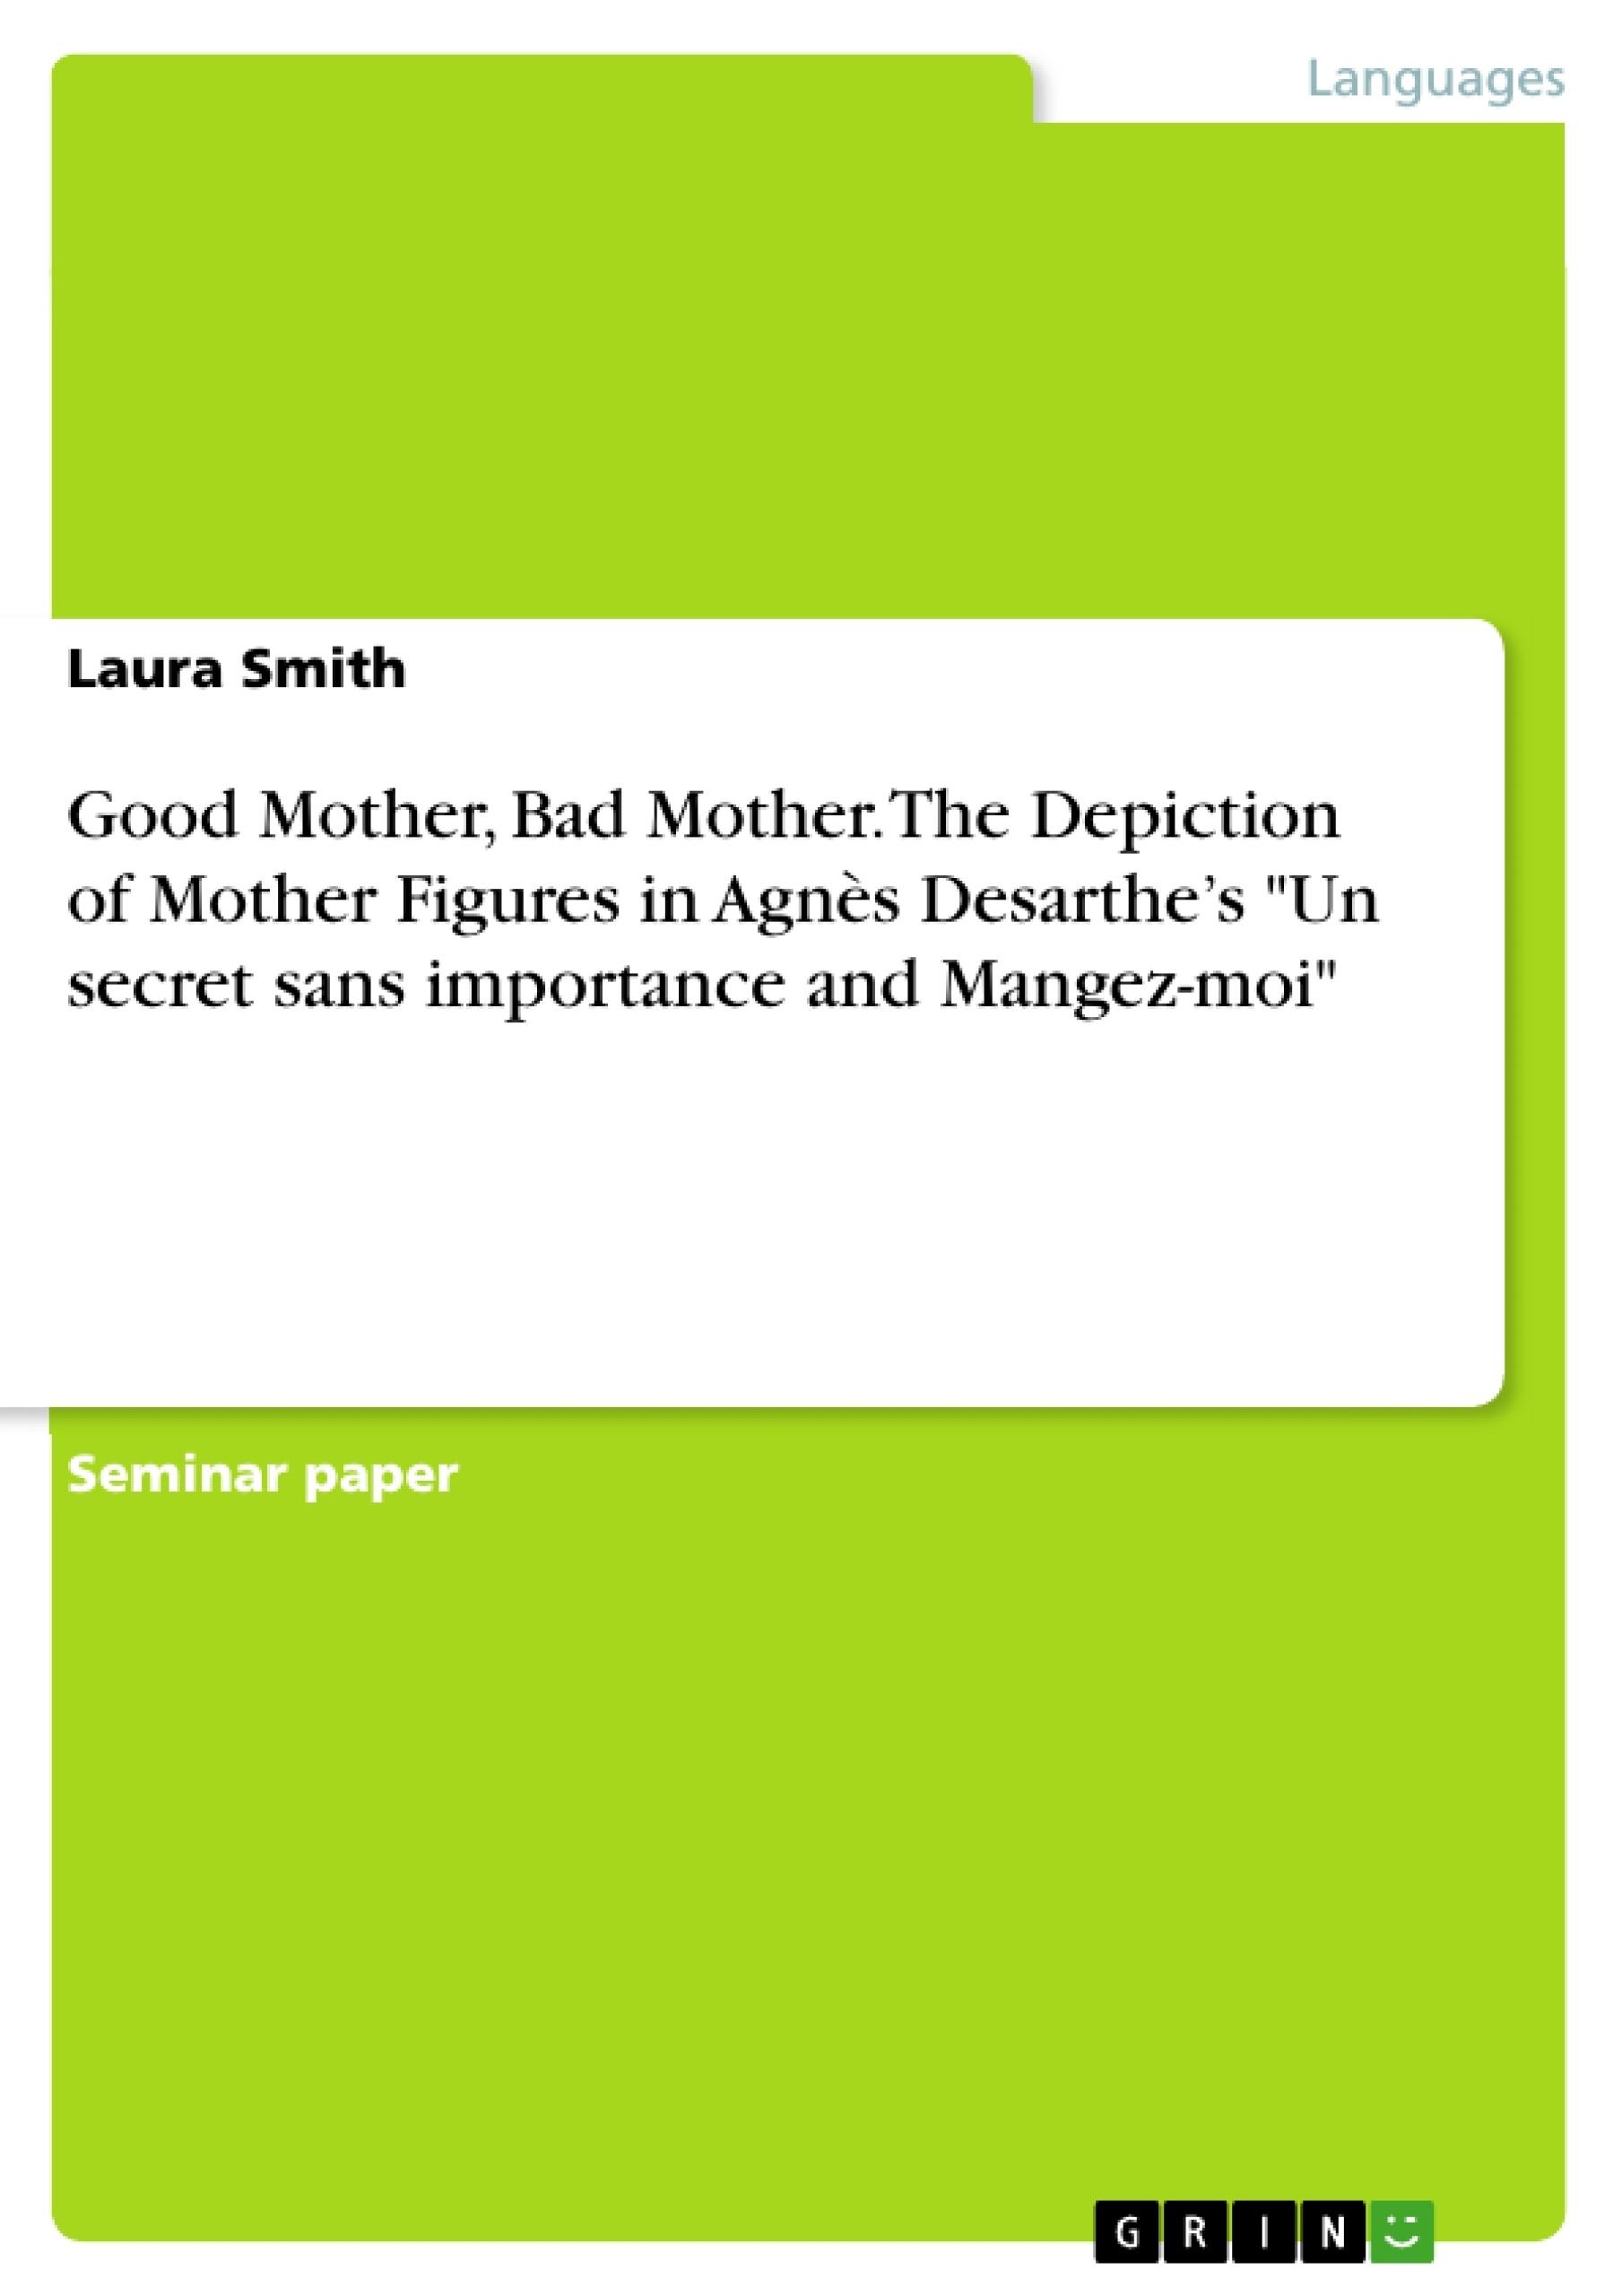 """Title: Good Mother, Bad Mother. The Depiction of Mother Figures in Agnès Desarthe's """"Un secret sans importance and Mangez-moi"""""""